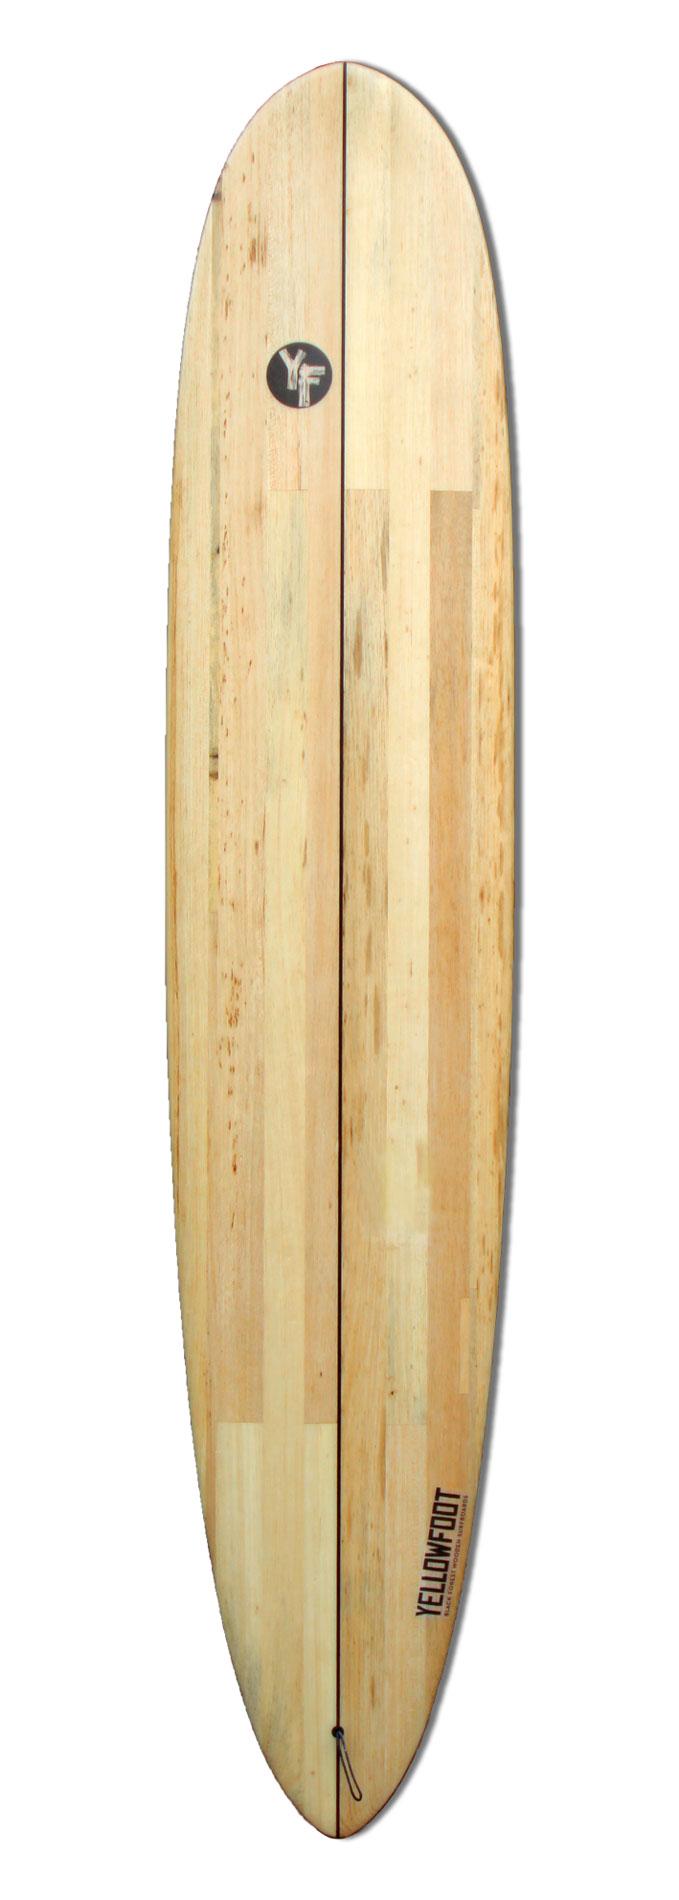 wooden-Longboard-Surfboard